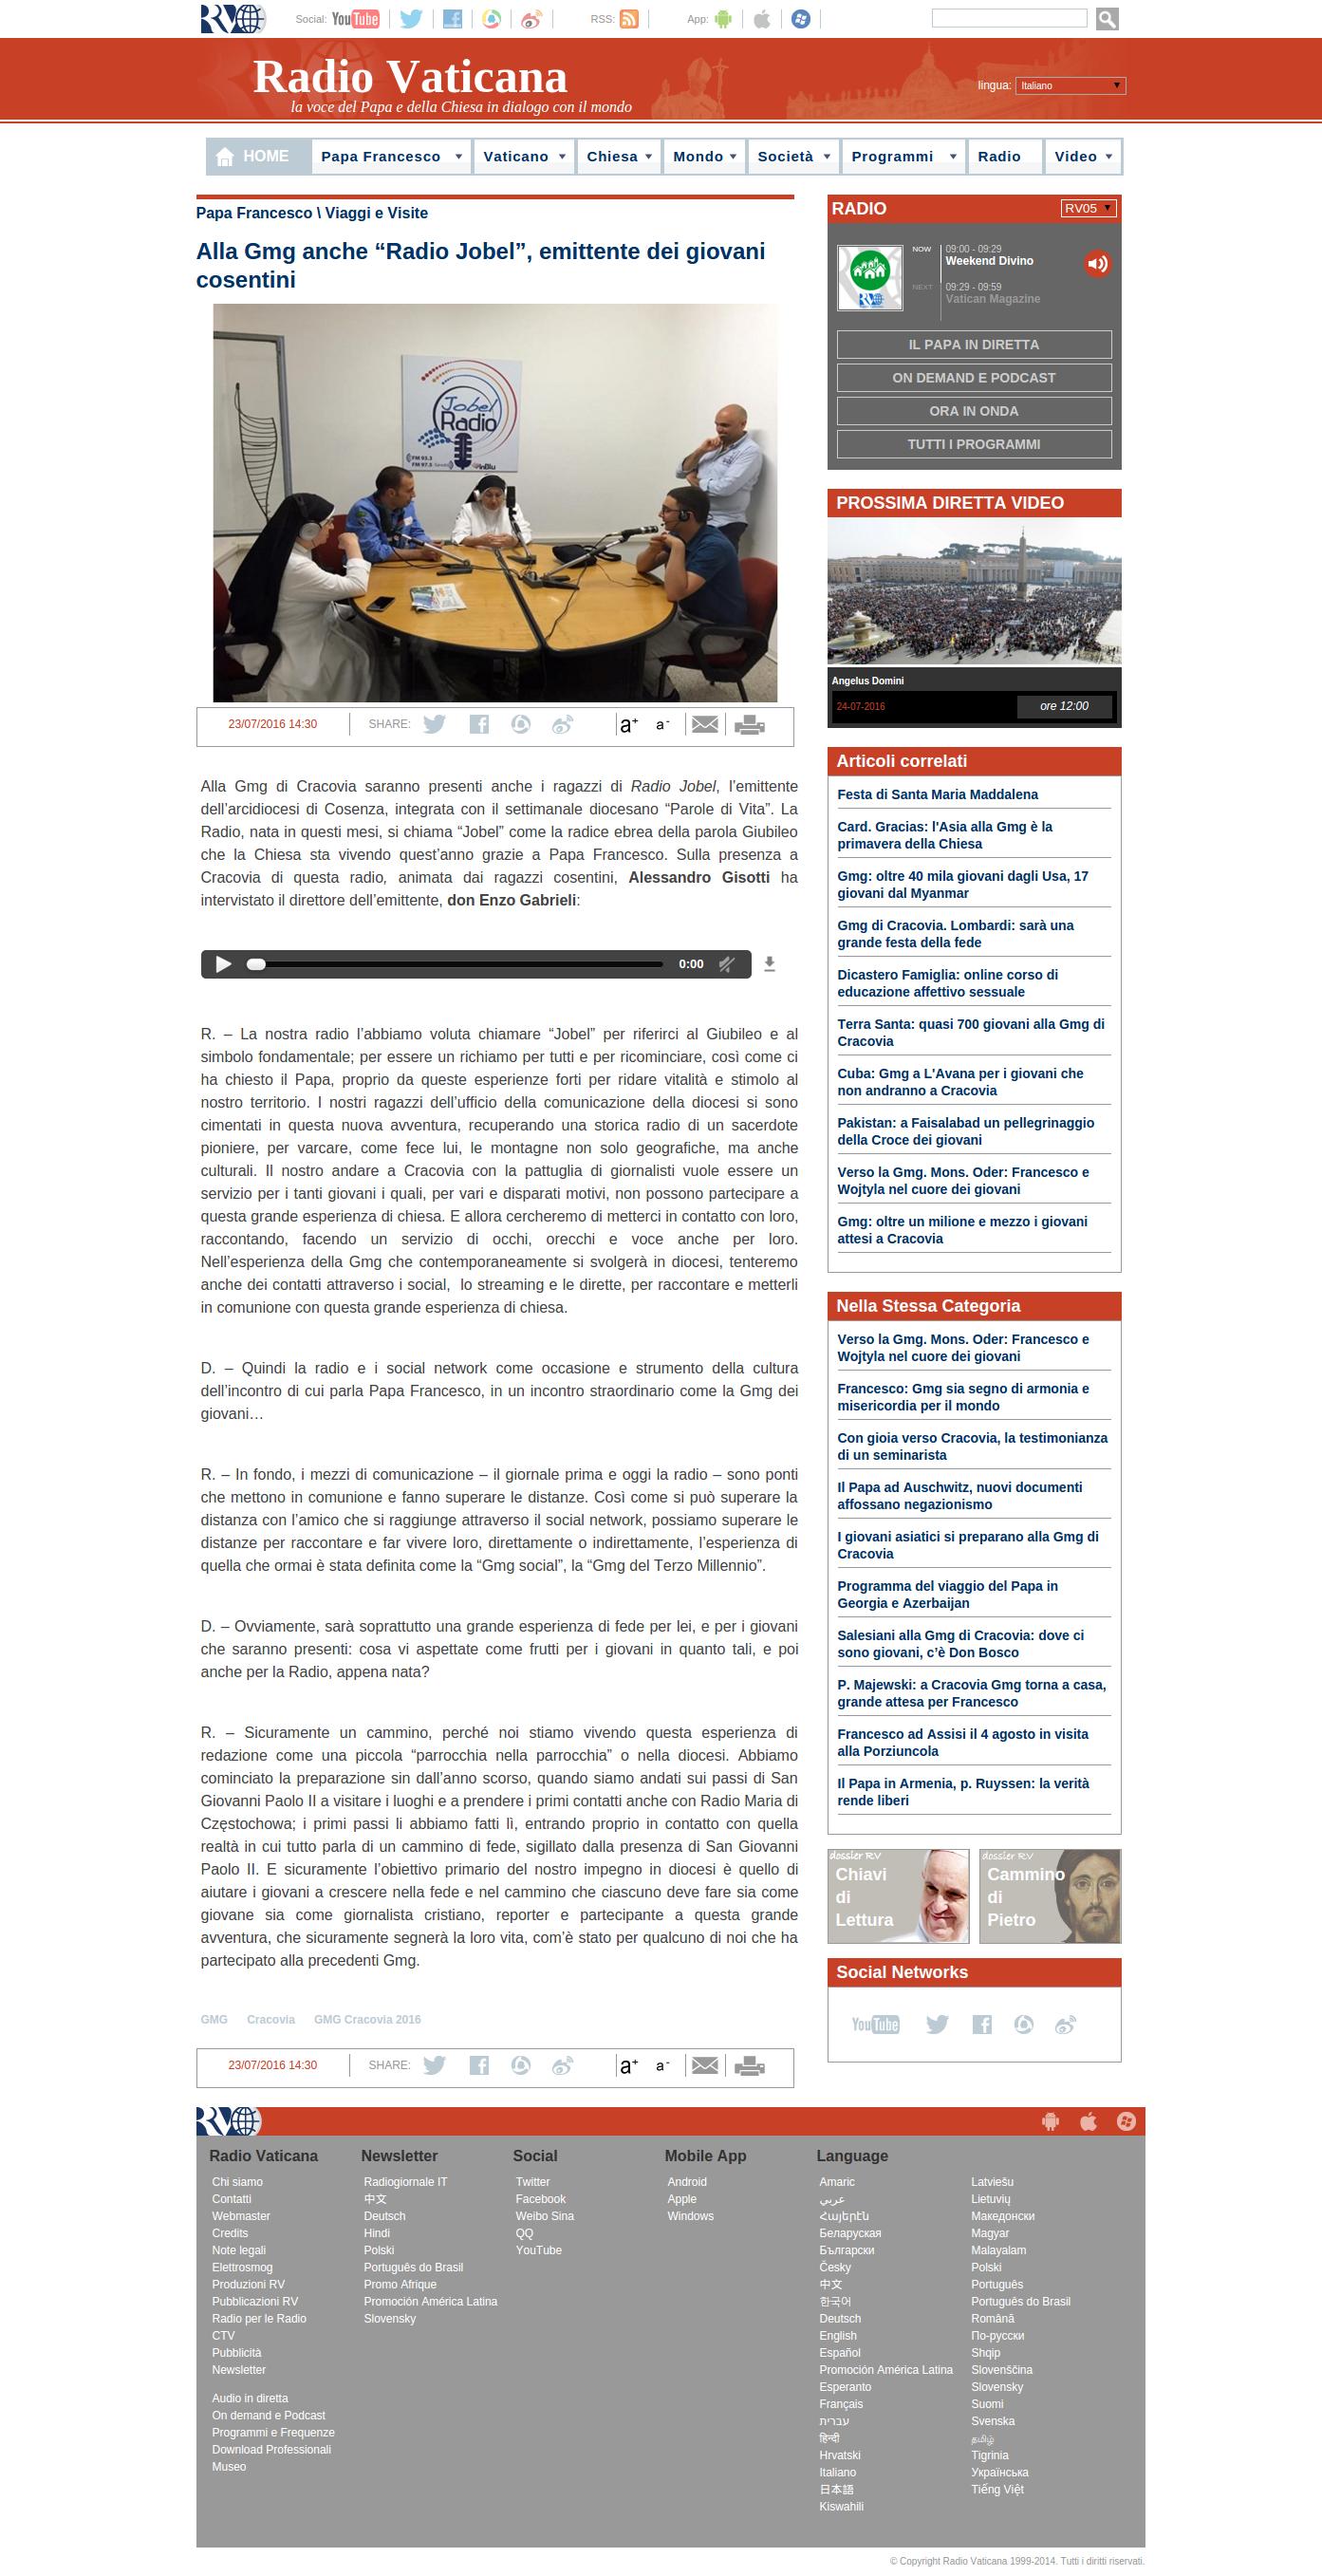 articolo_radiovaticana_gmg2016